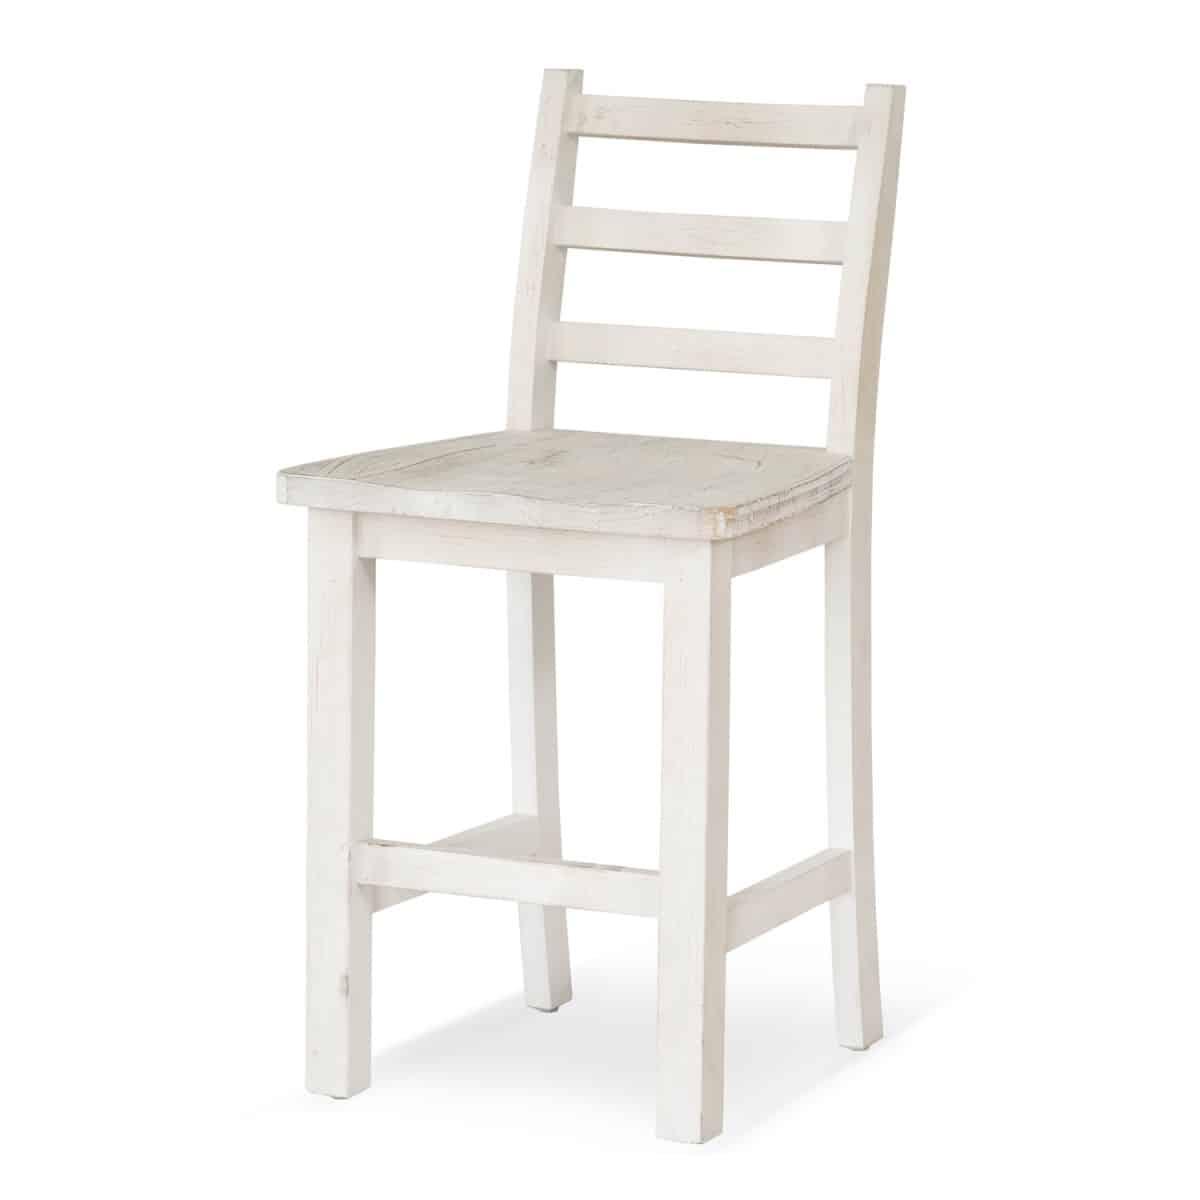 Chaise haute Bois Blanc 47x51x95cm